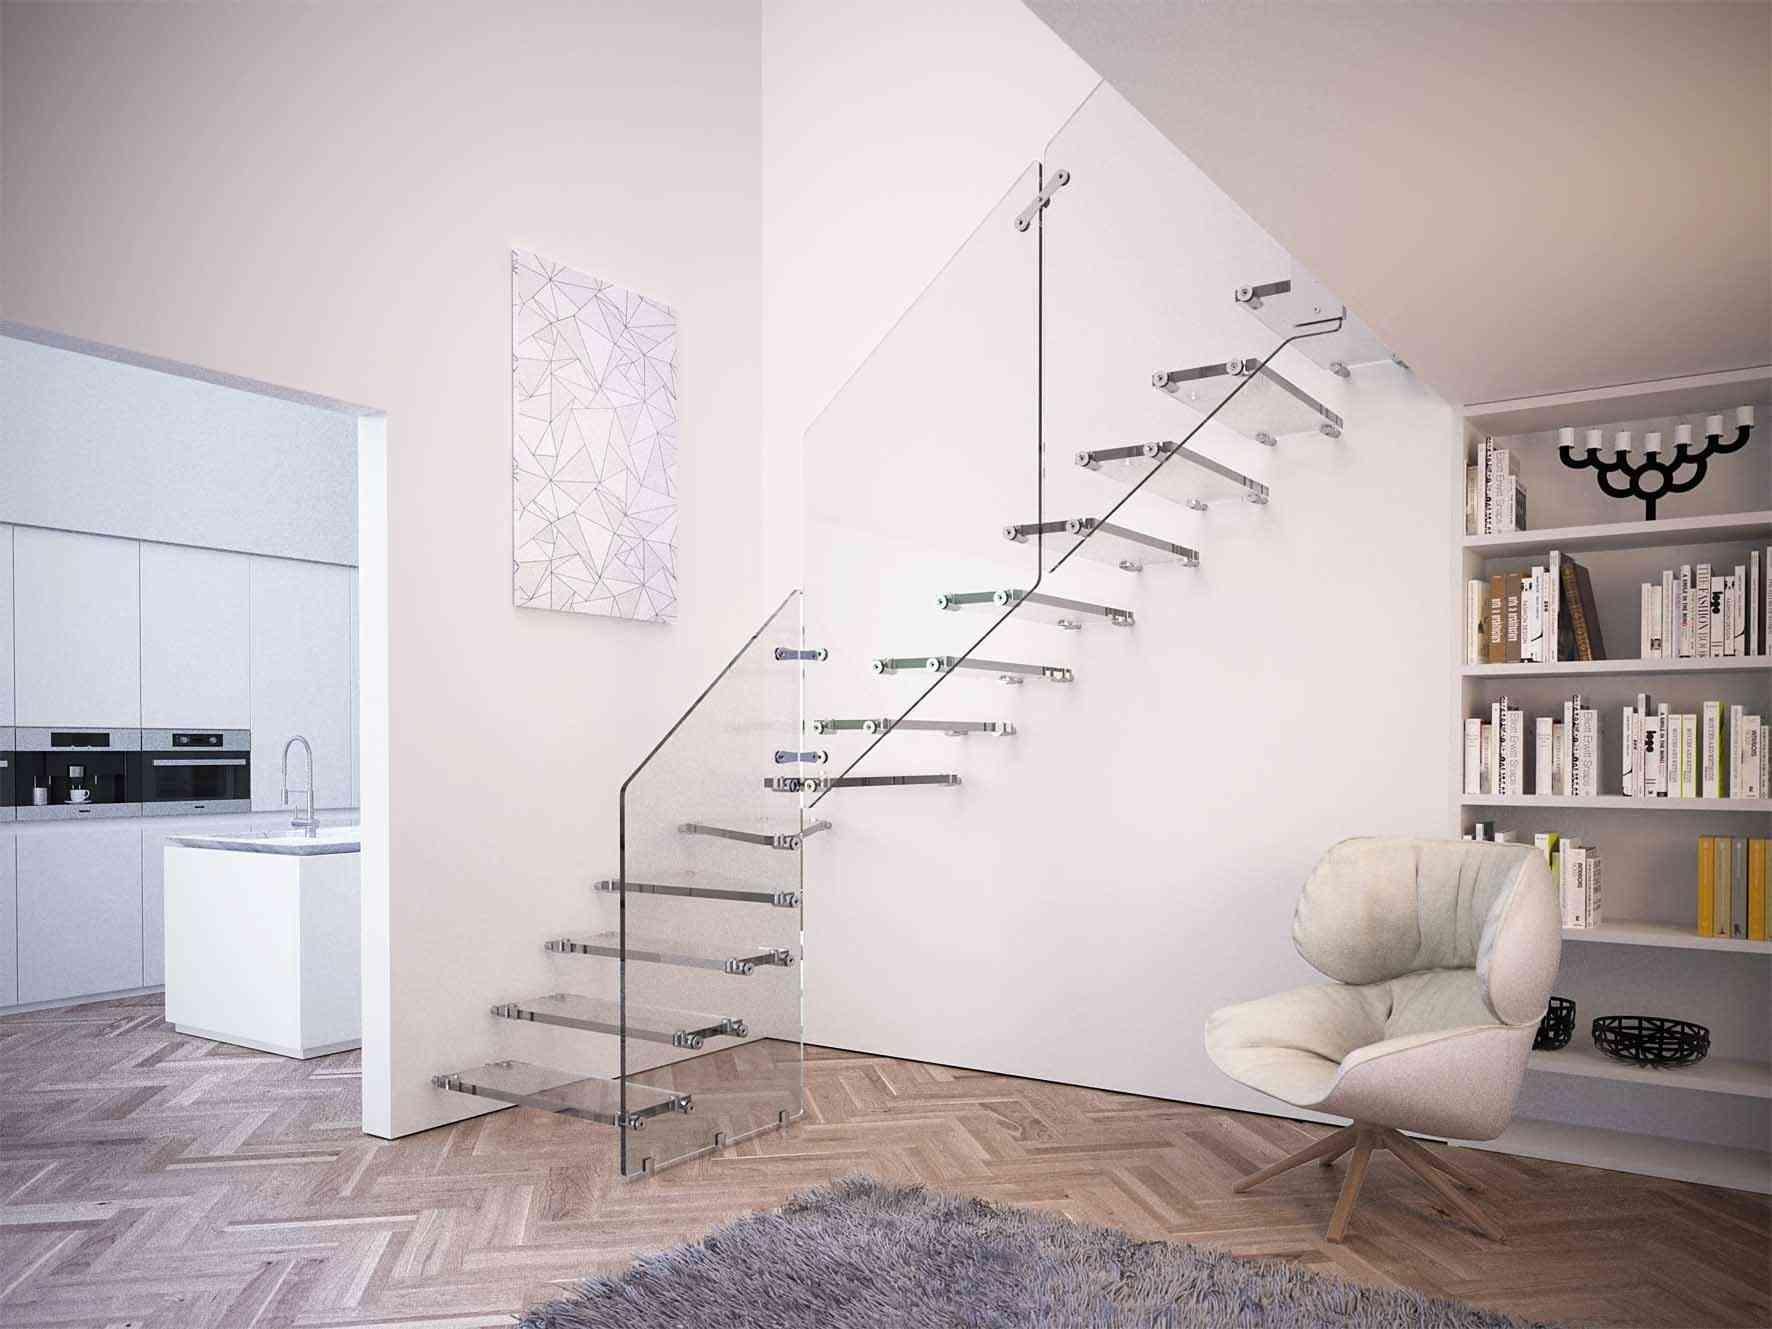 escaleras de cristal para la decoracin de interiores